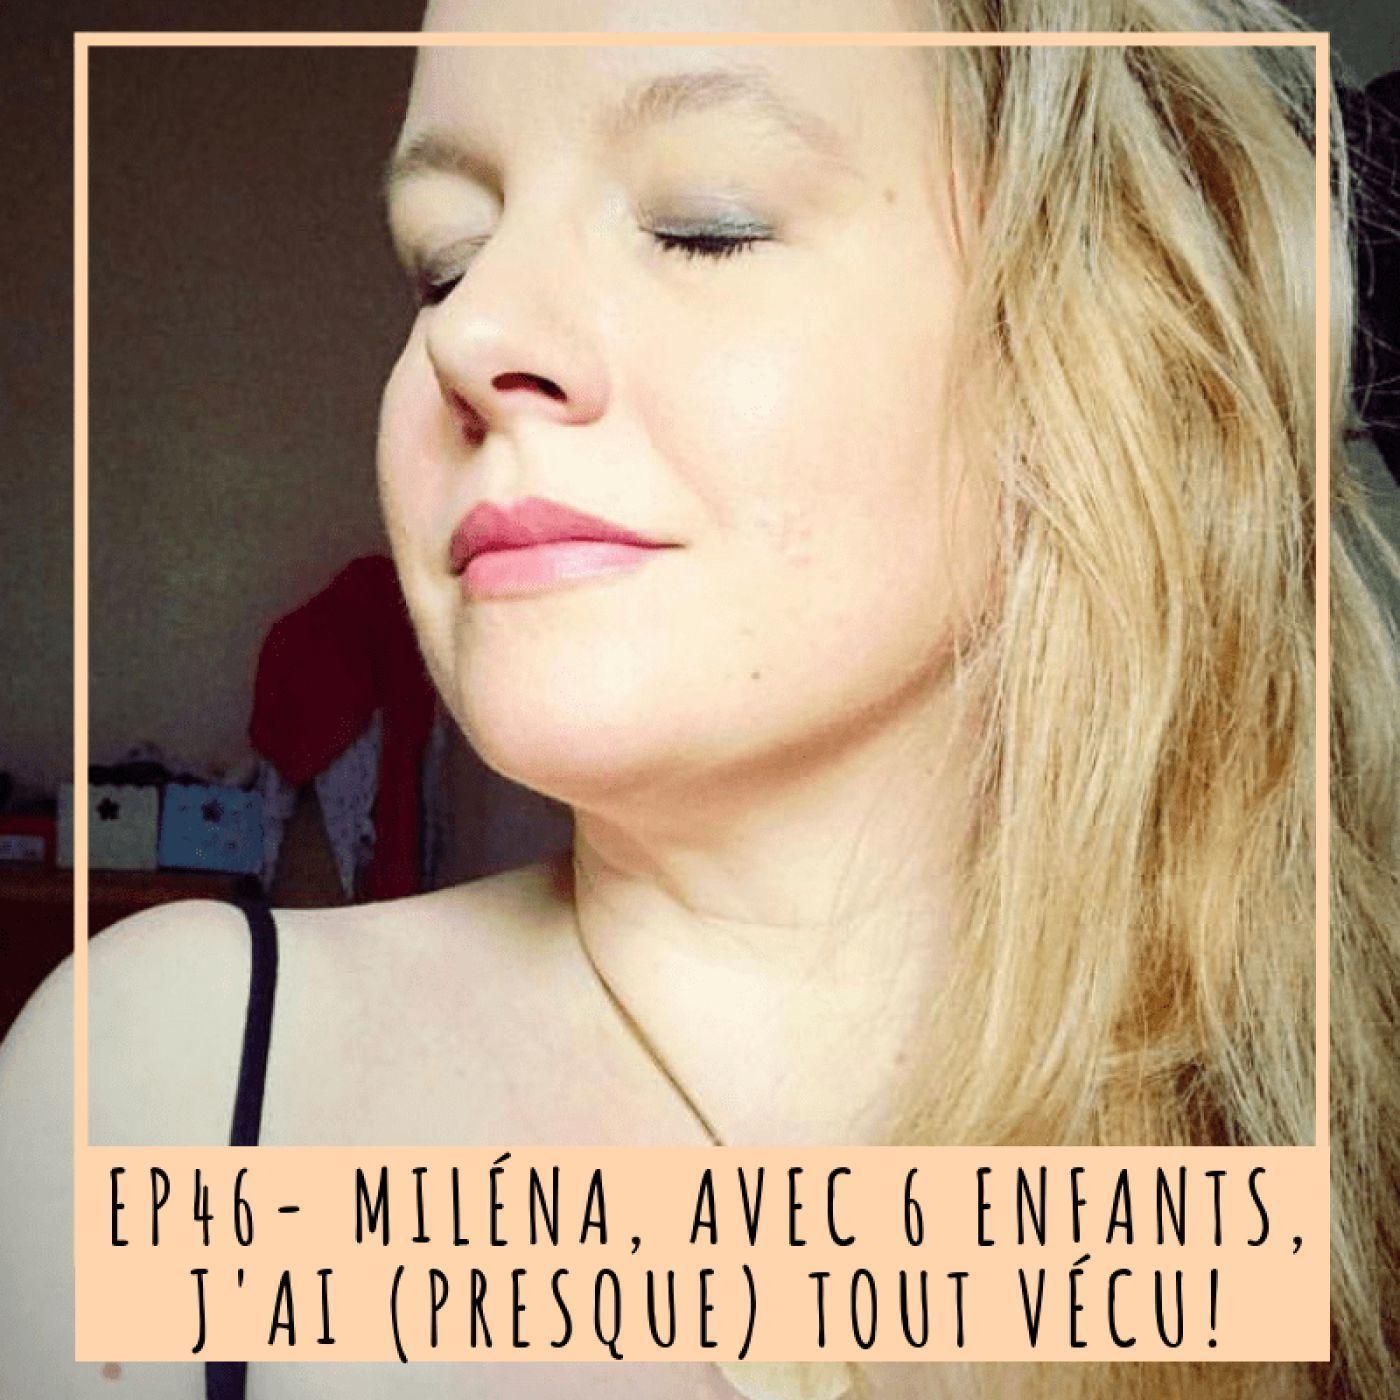 EP 46- MILÉNA, AVEC 6 ENFANTS, J'AI (PRESQUE) TOUT VÉCU!